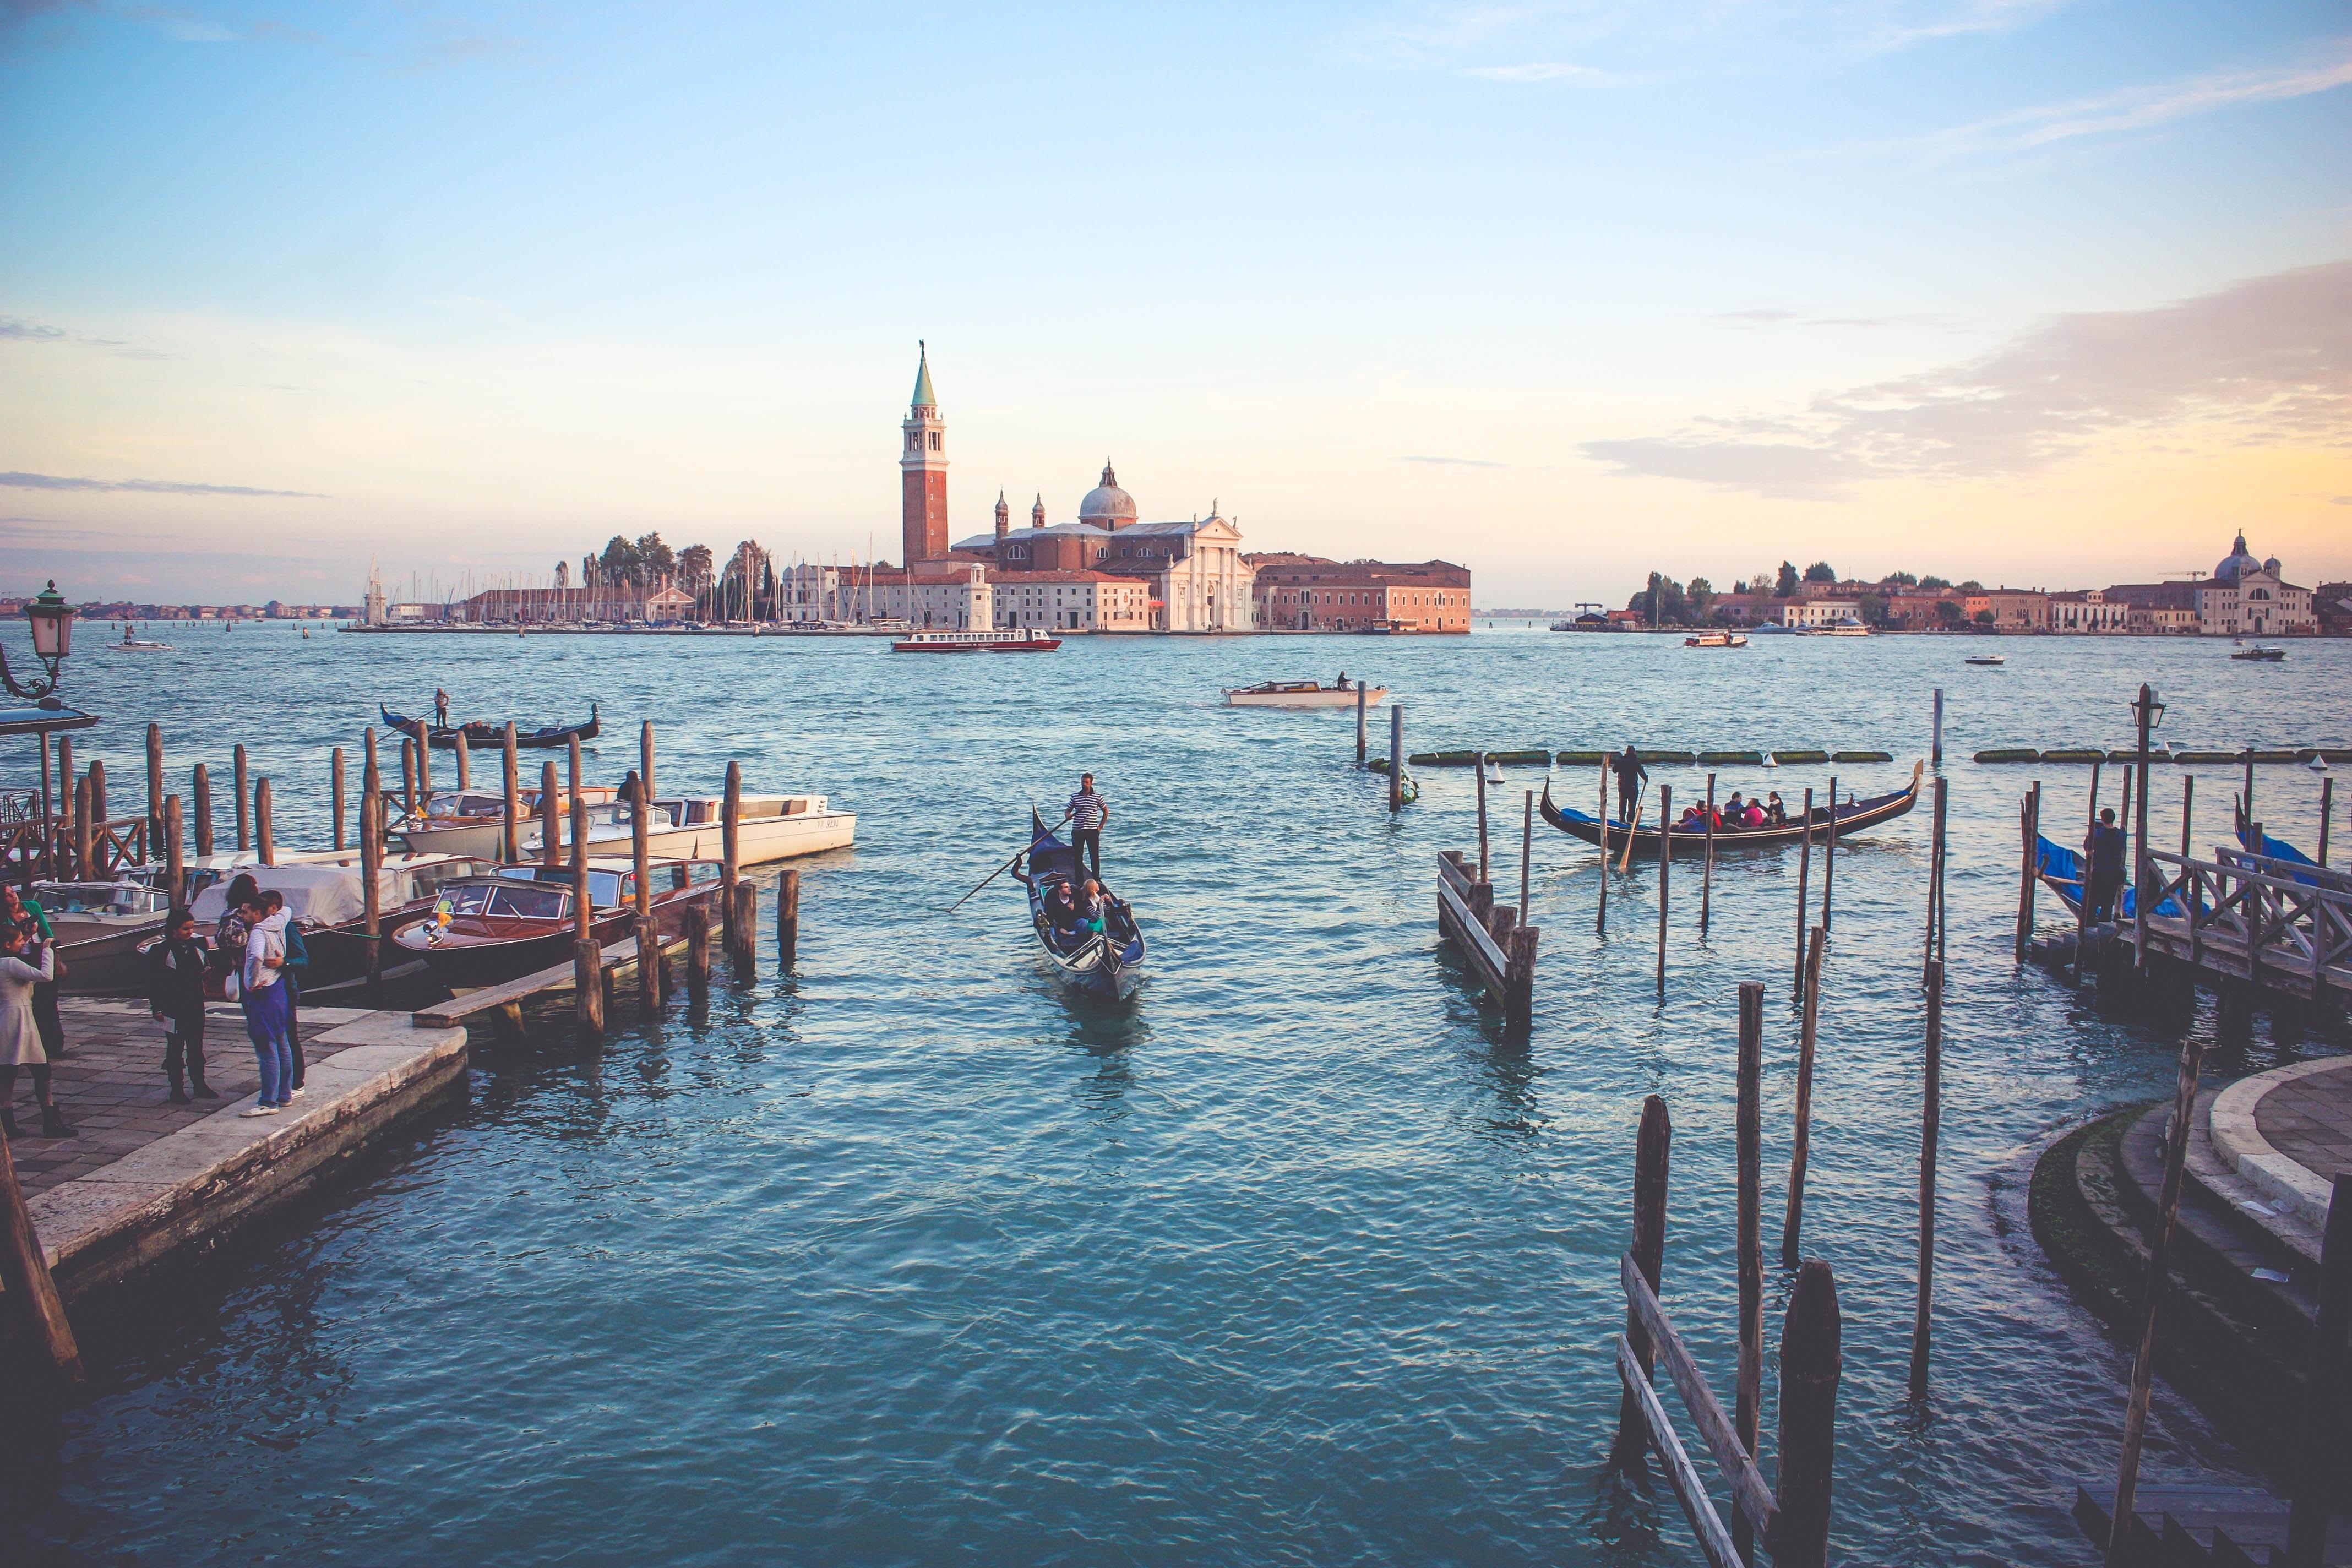 ムラーノ島の観光スポットや見どころは?ベネチアガラスはお土産にもおすすめ!